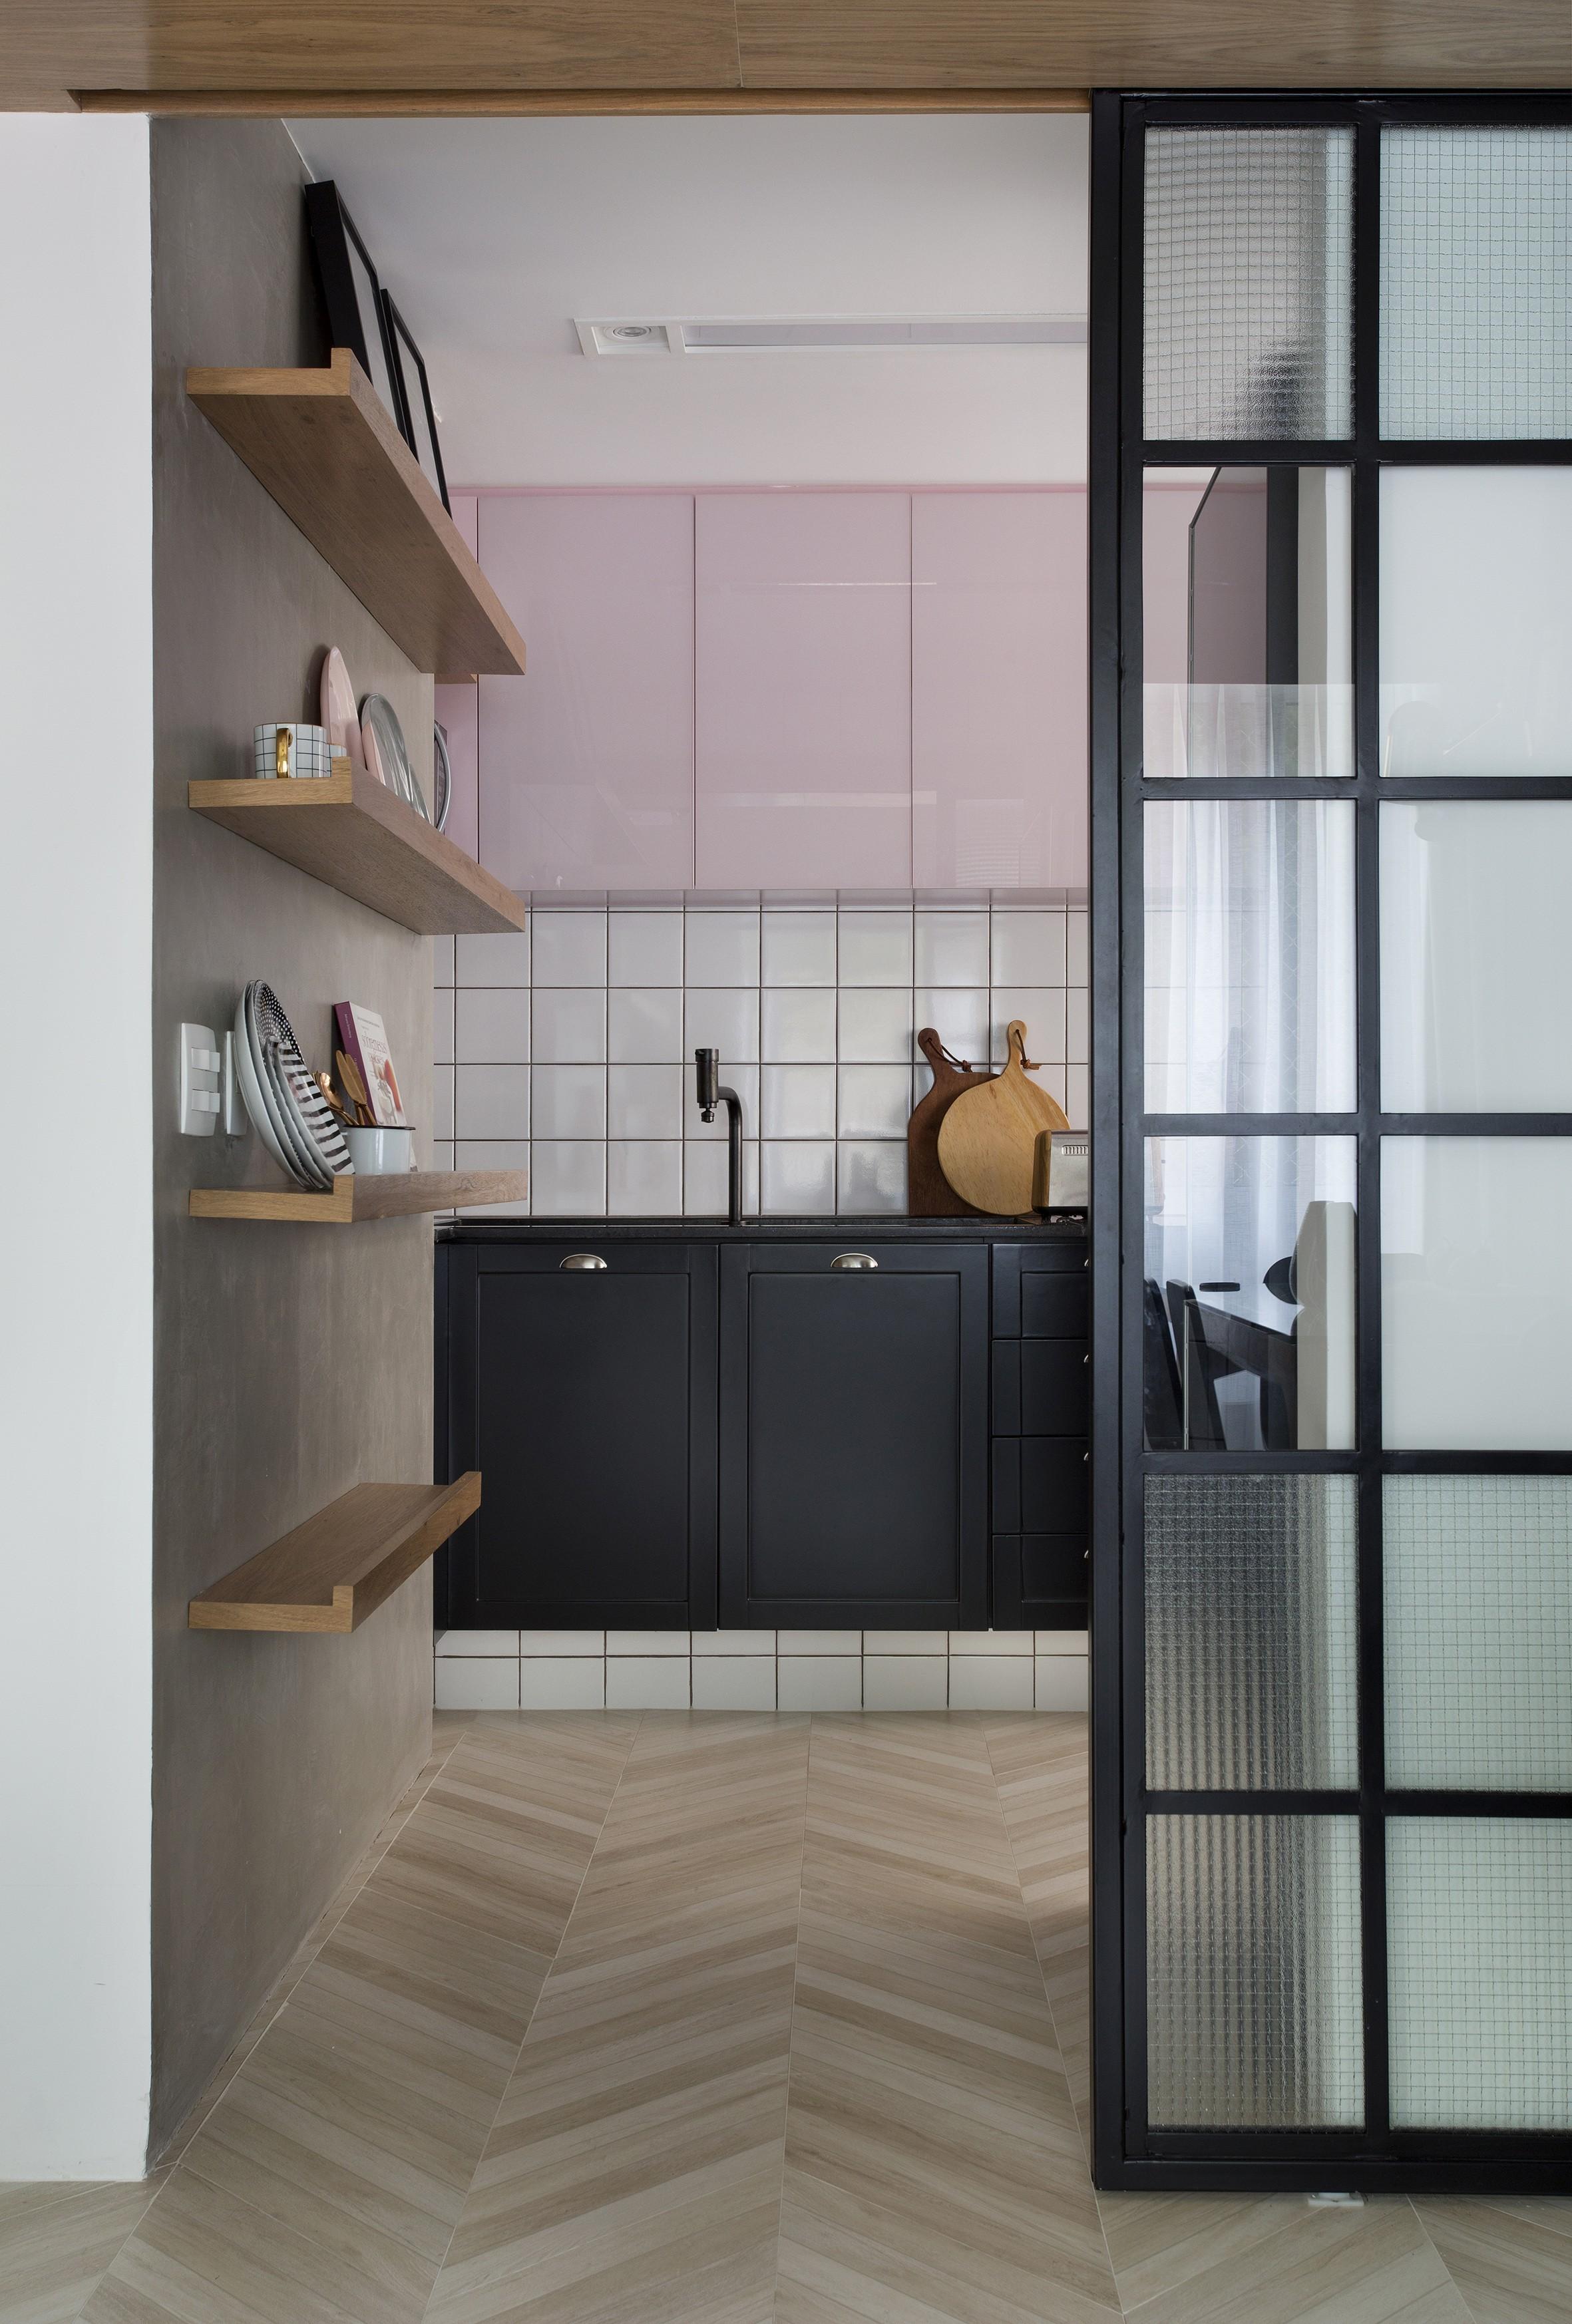 Décor do dia: cozinha com decoração rosa e esquadria (Foto: Denilson Machado/MCA Estúdio)